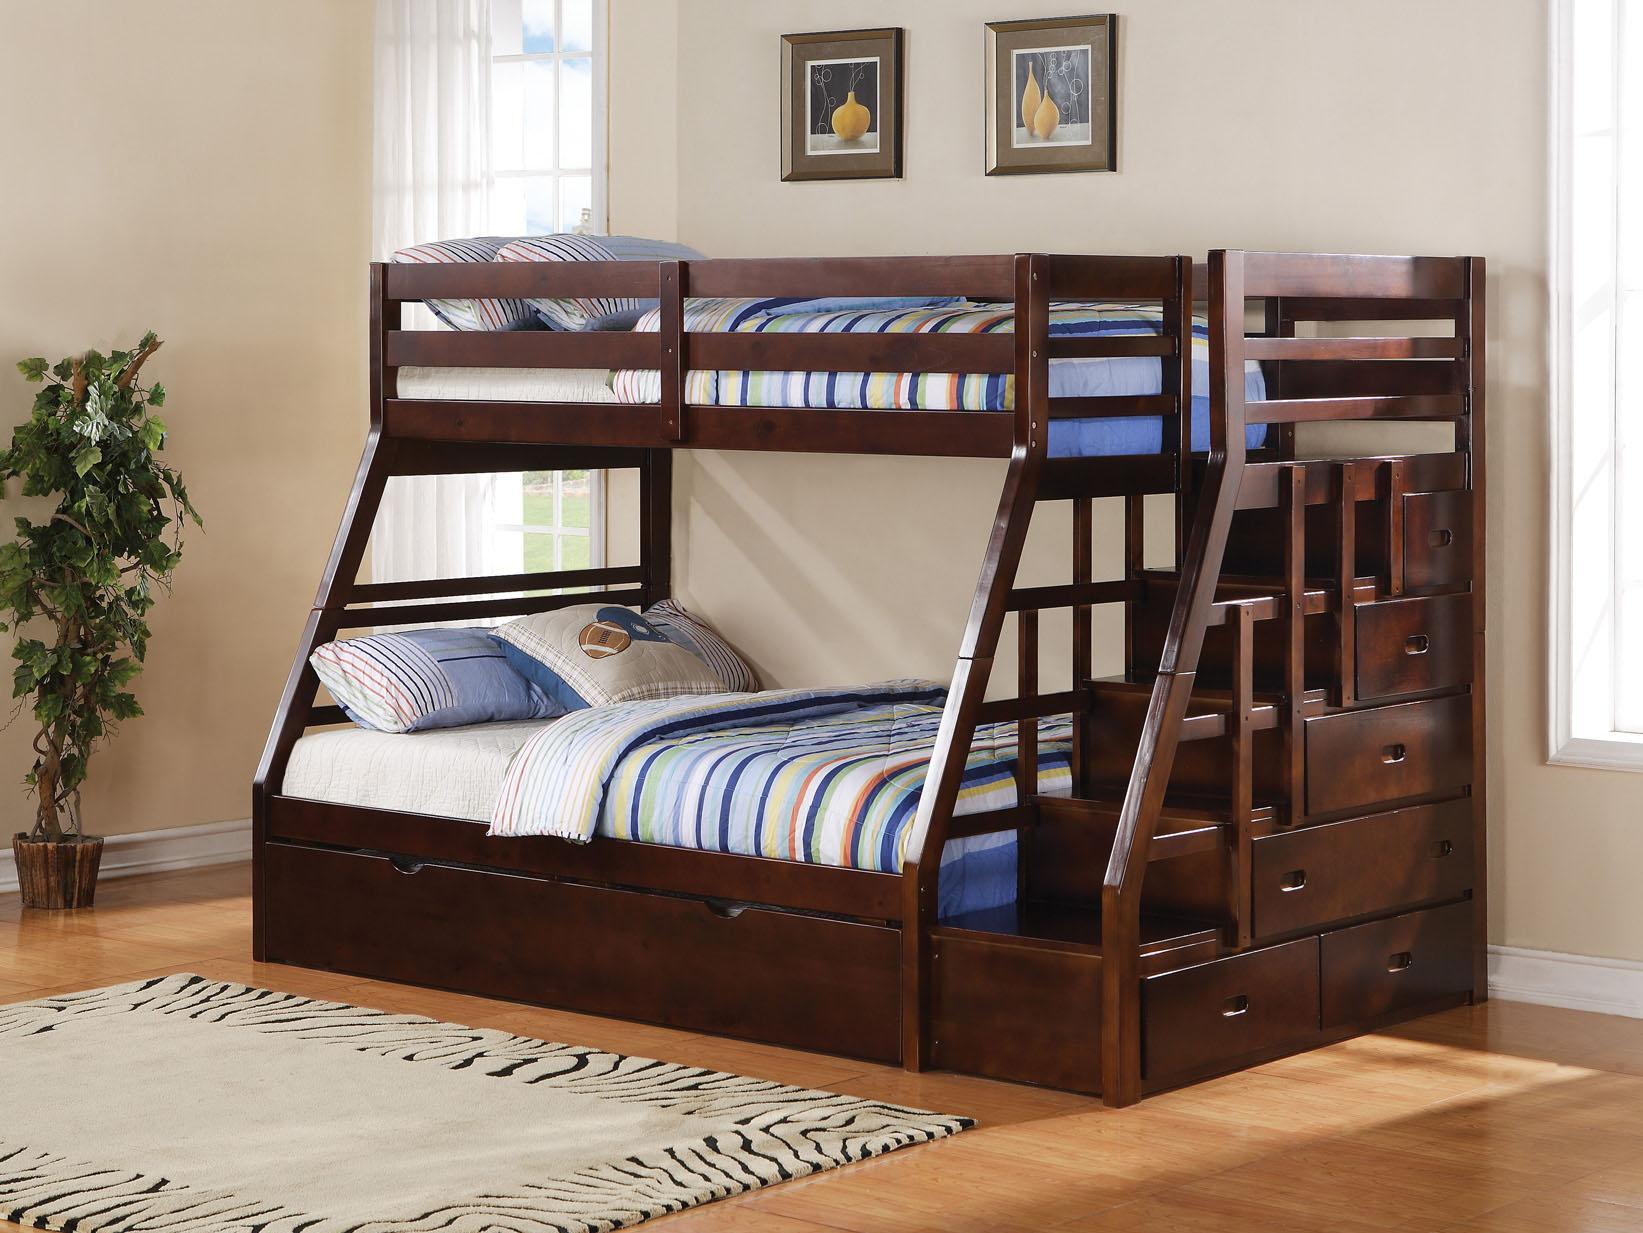 Двухъярусная детская кровать из массива